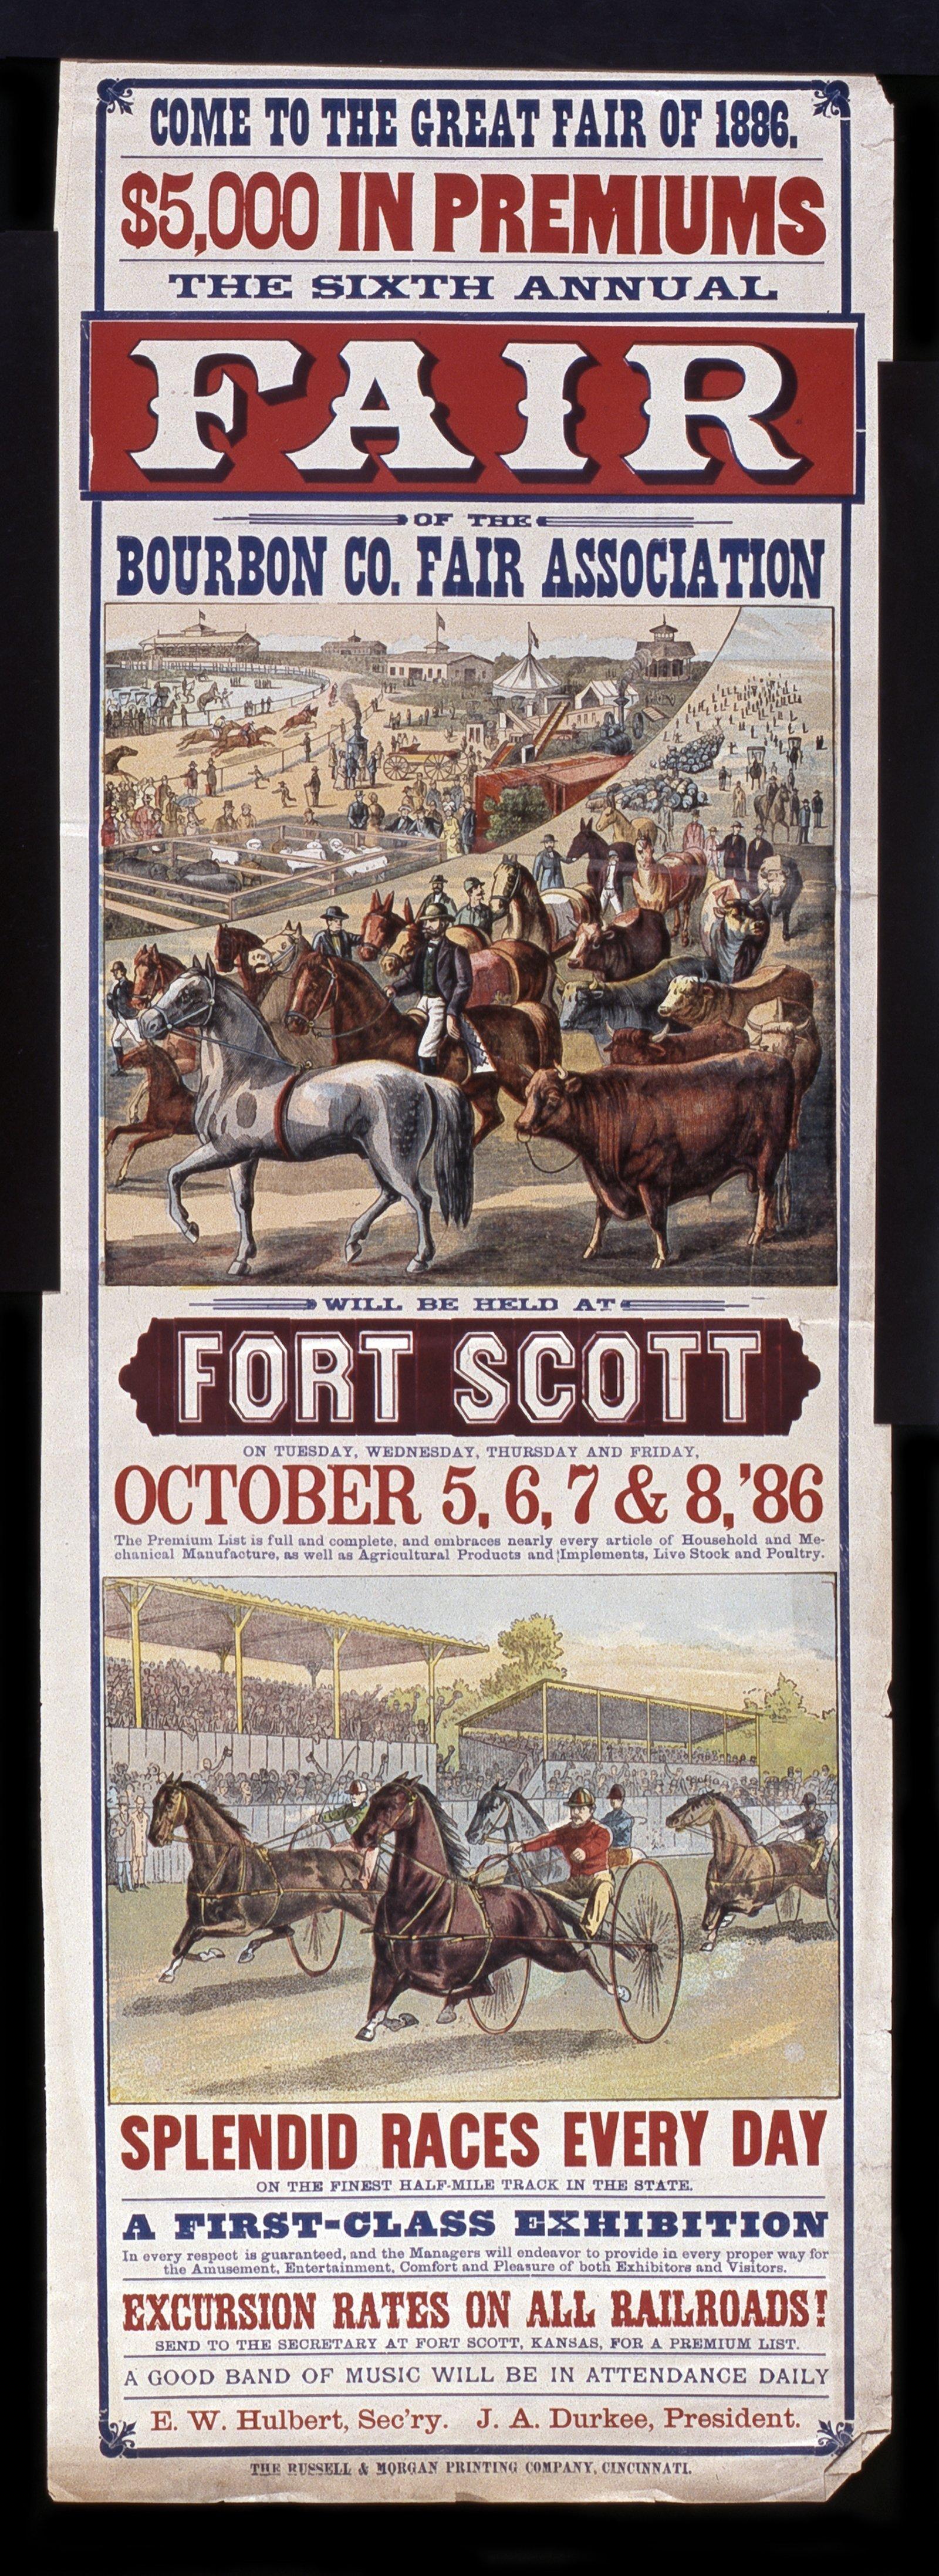 Sixth annual fair of the Bourbon County Fair Association